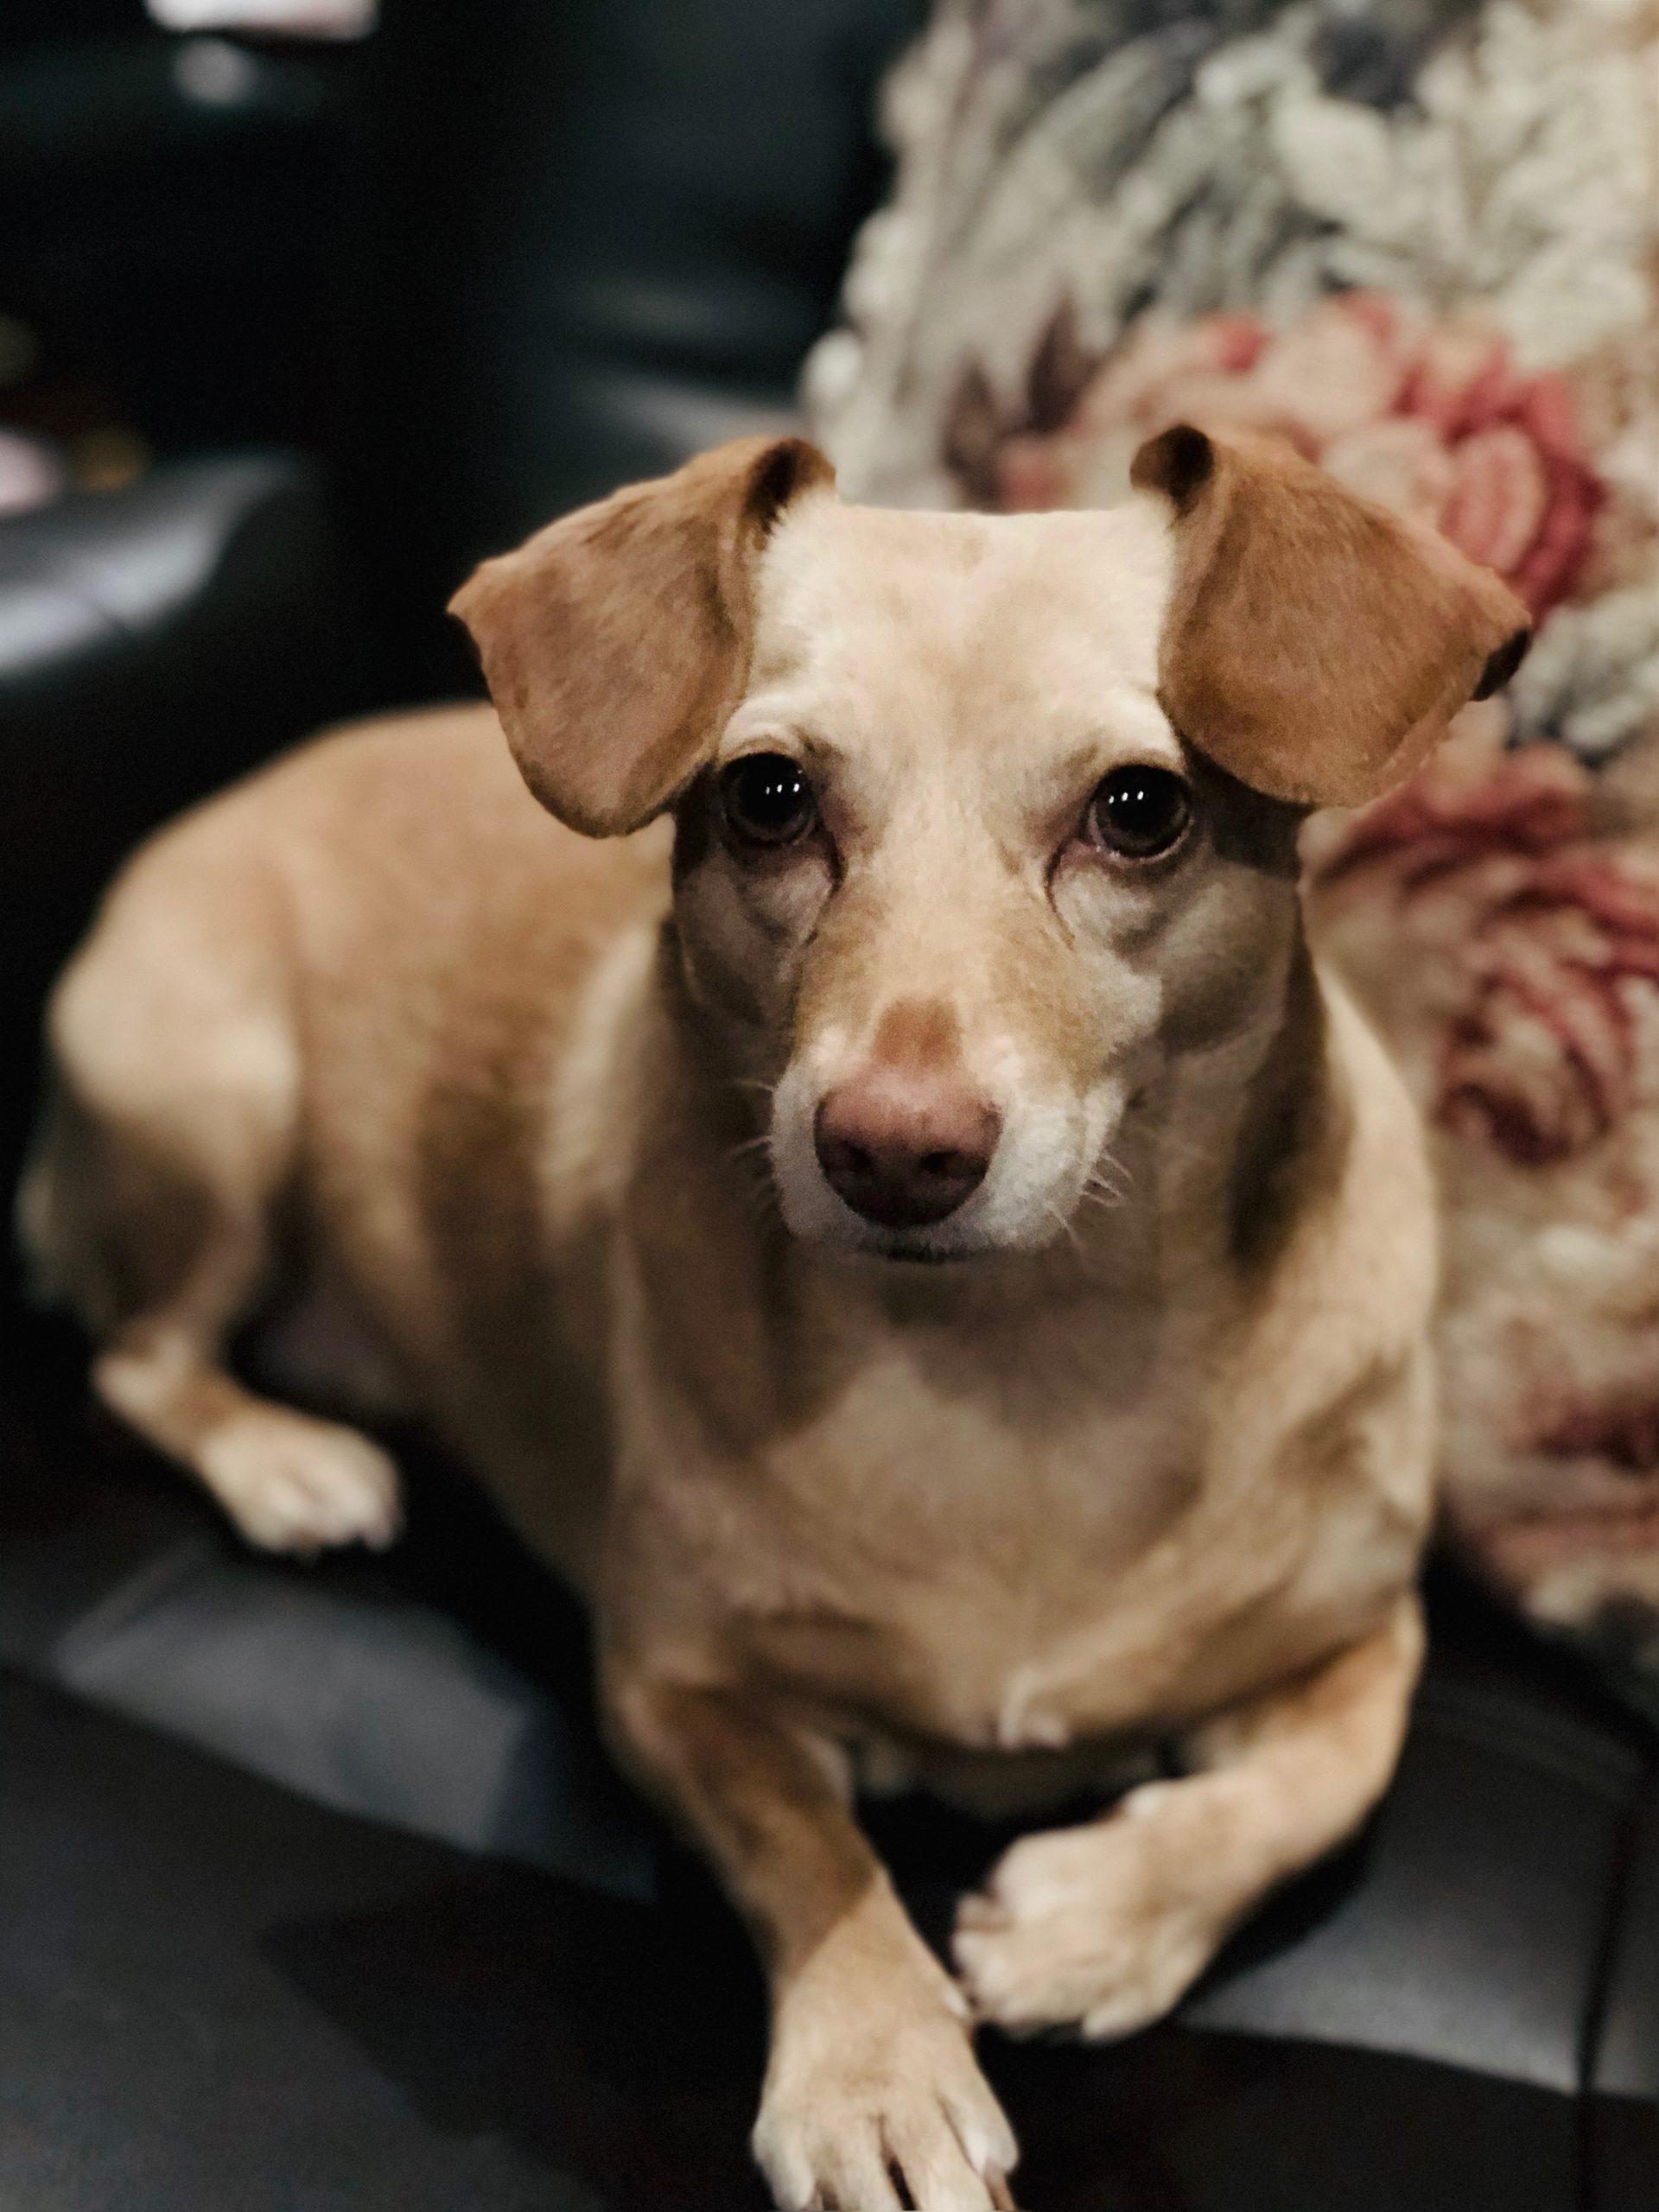 Daisy Jane = The Cannabis Dog